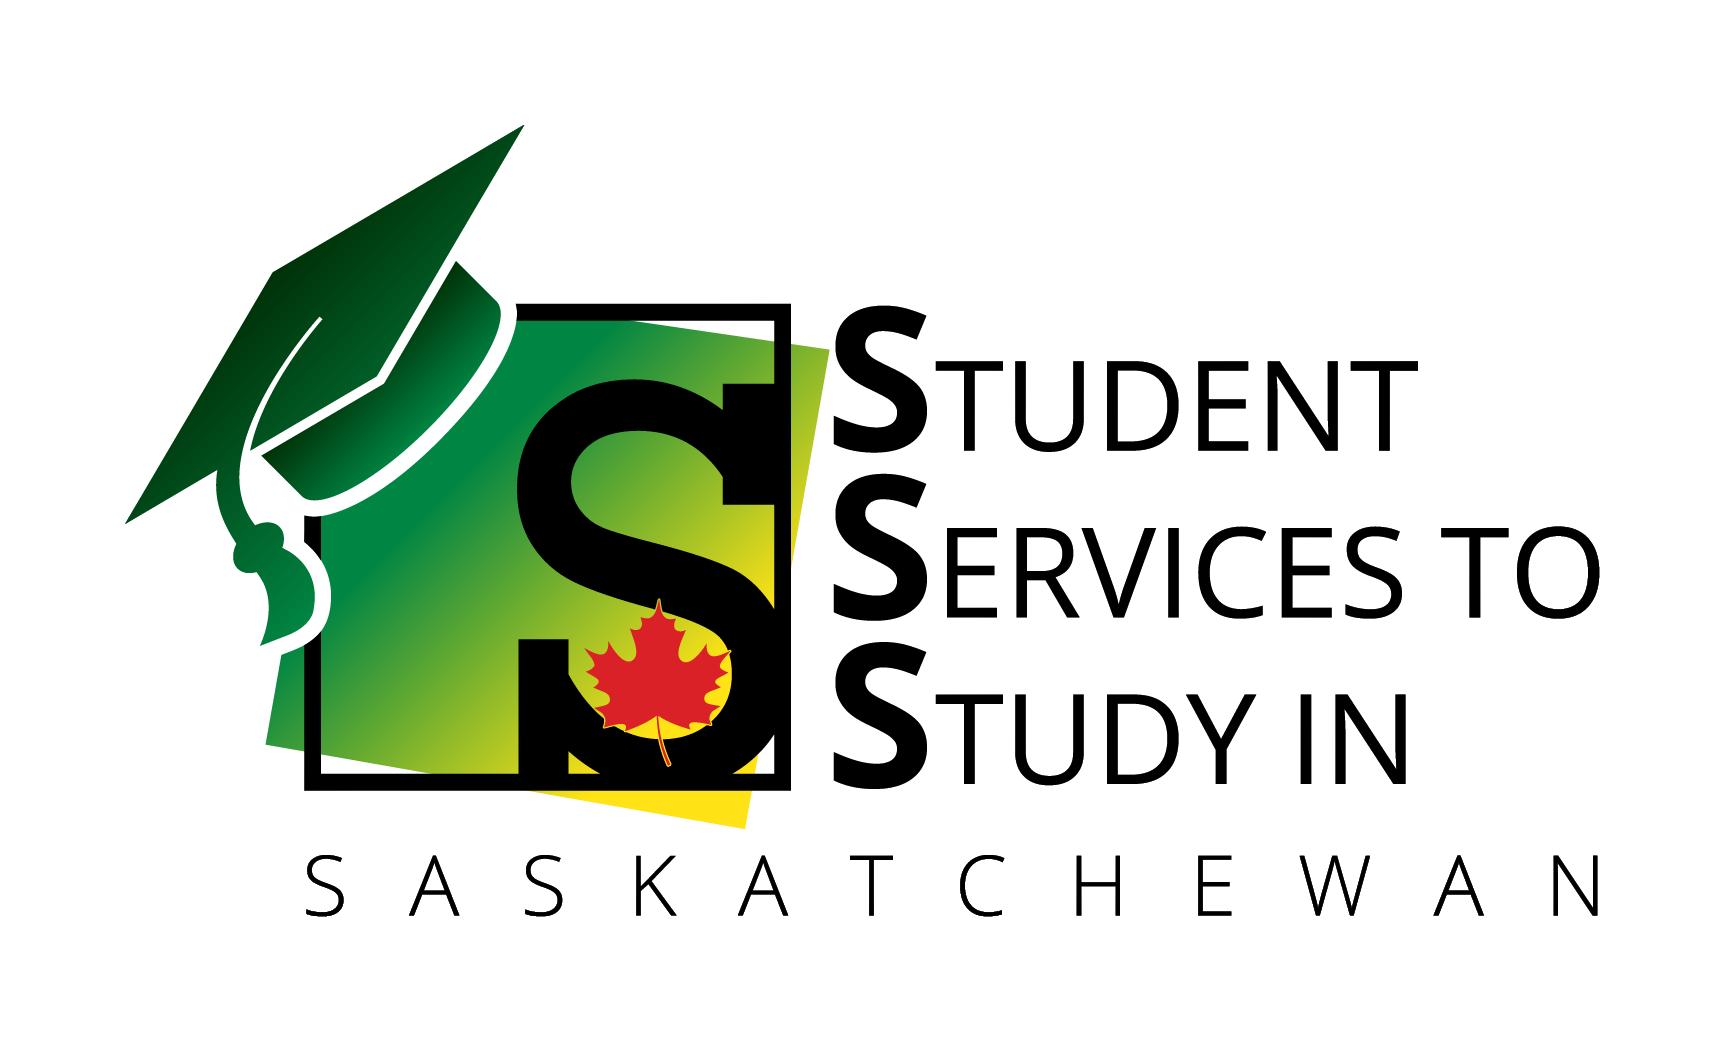 Student Services to Study in Saskatchewan